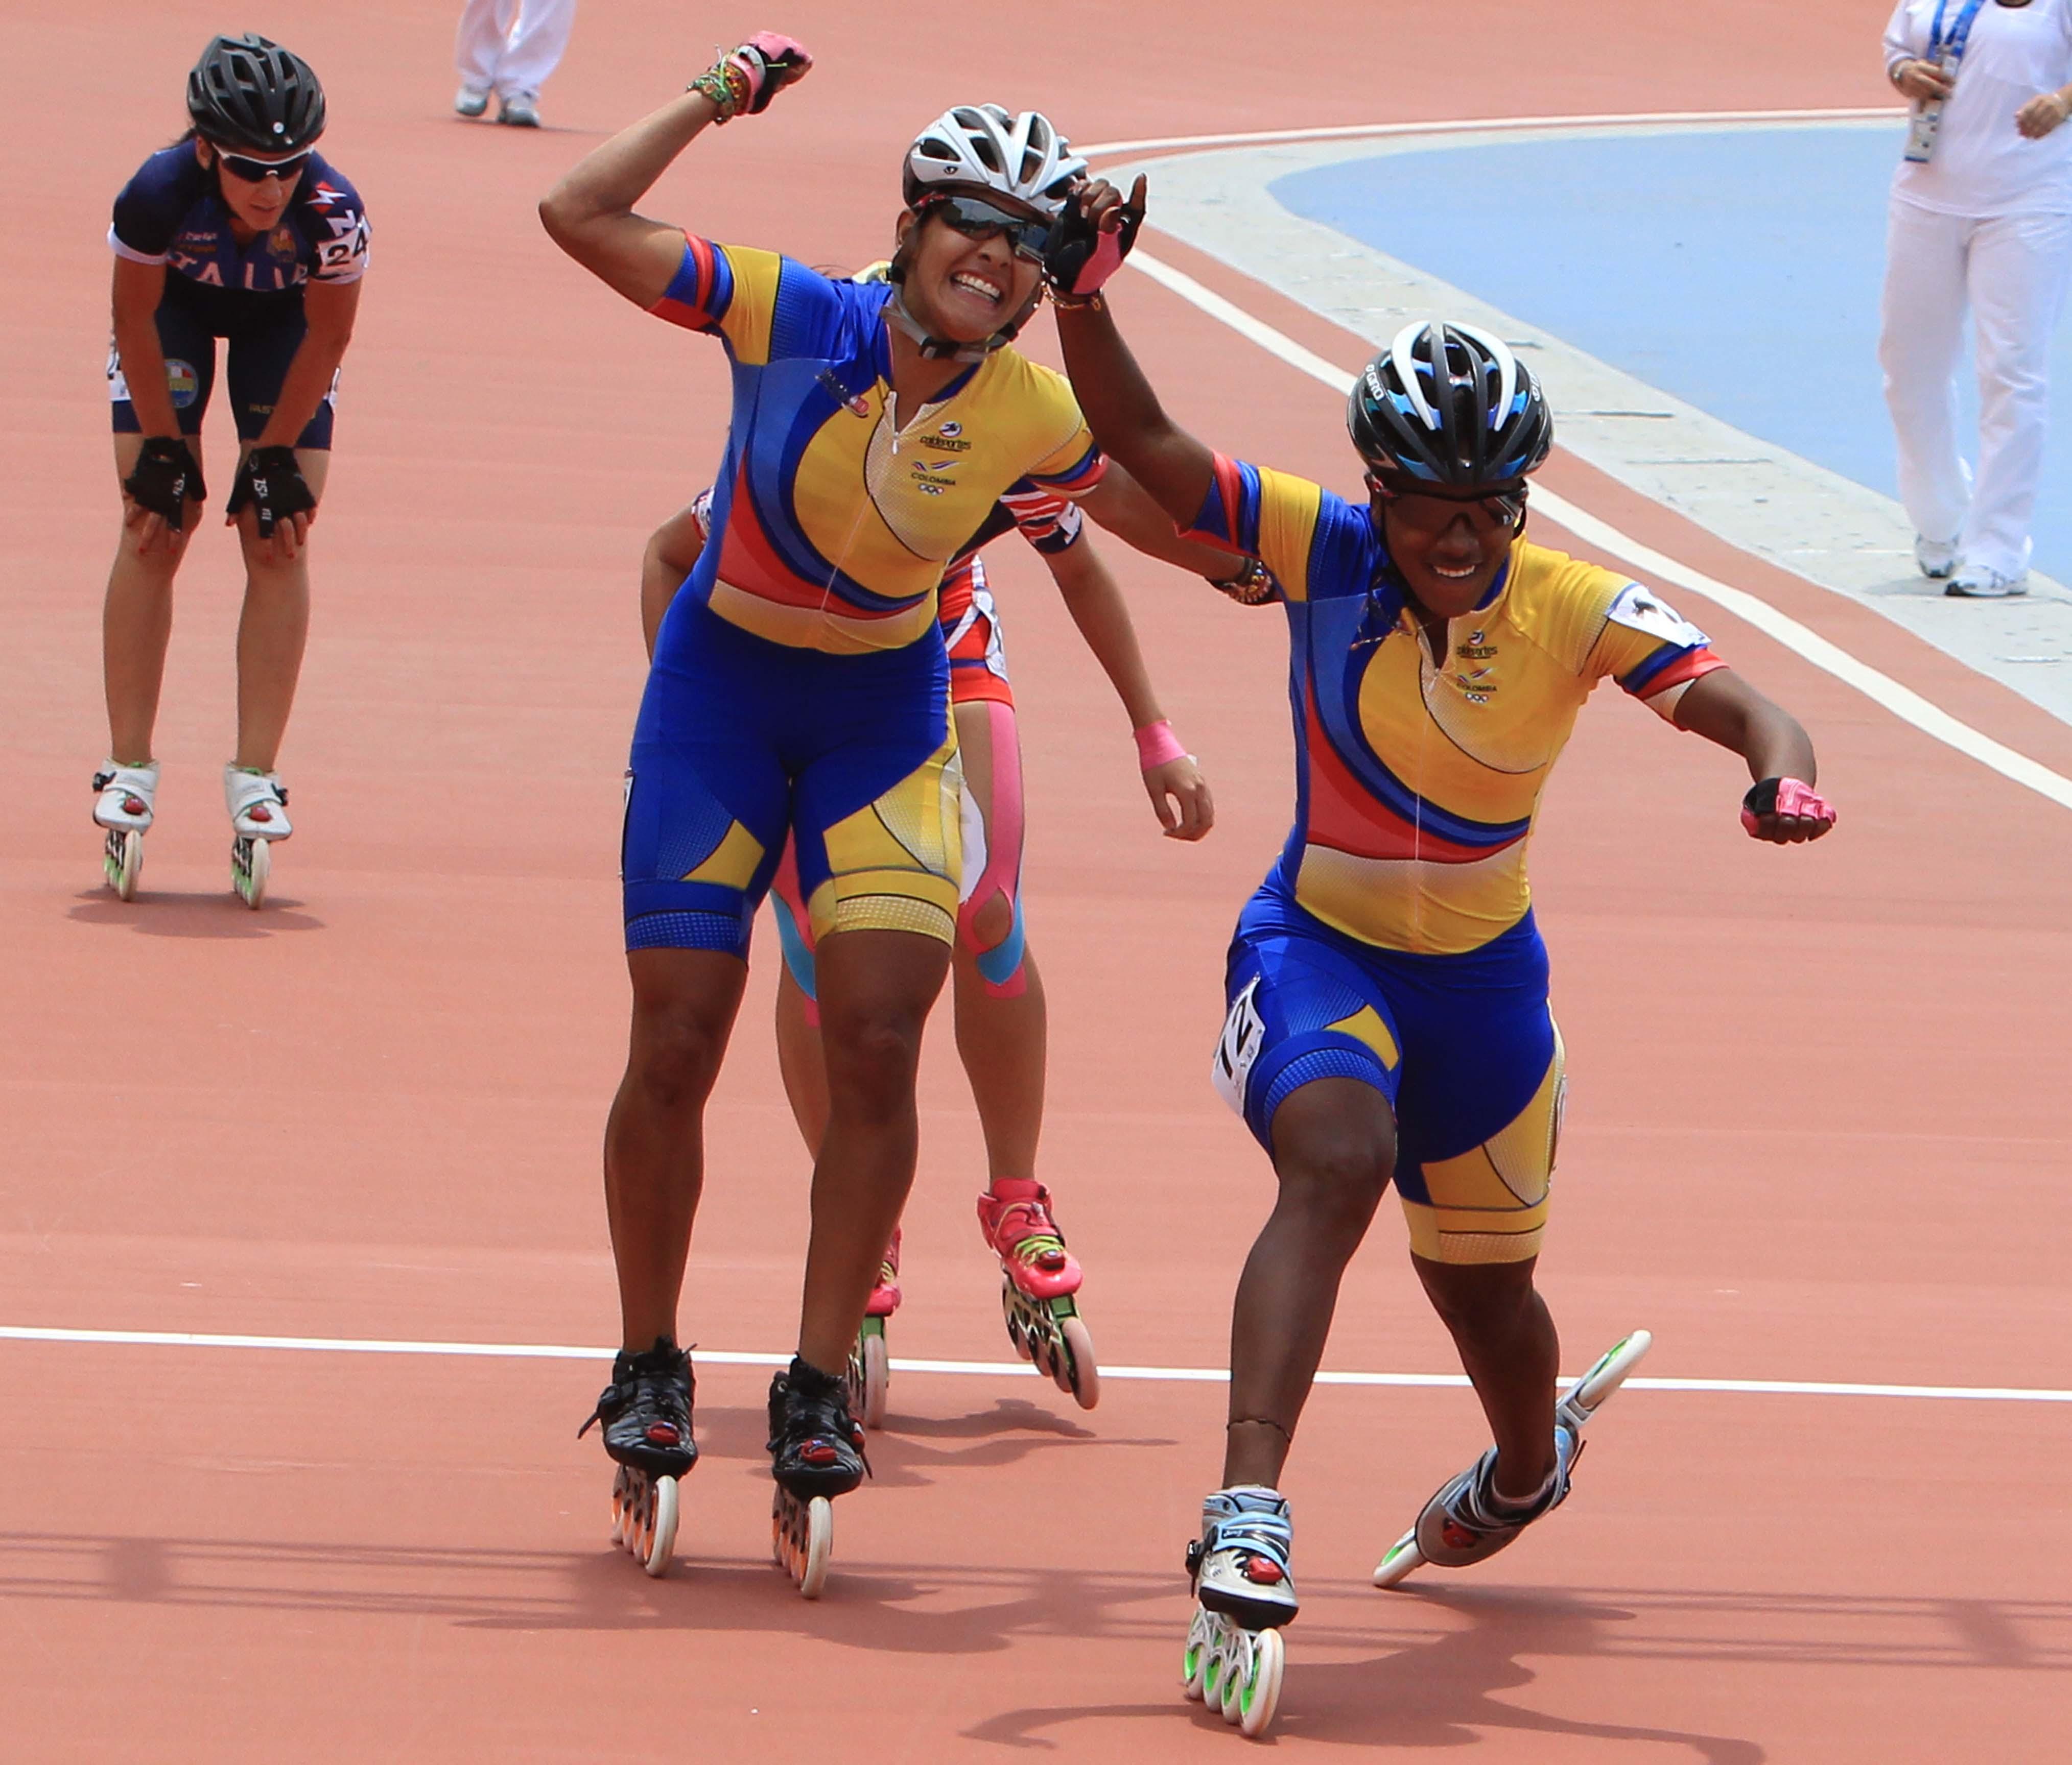 Vallecaucana ganó oro en los 500 metros del Mundial de Patinaje en China